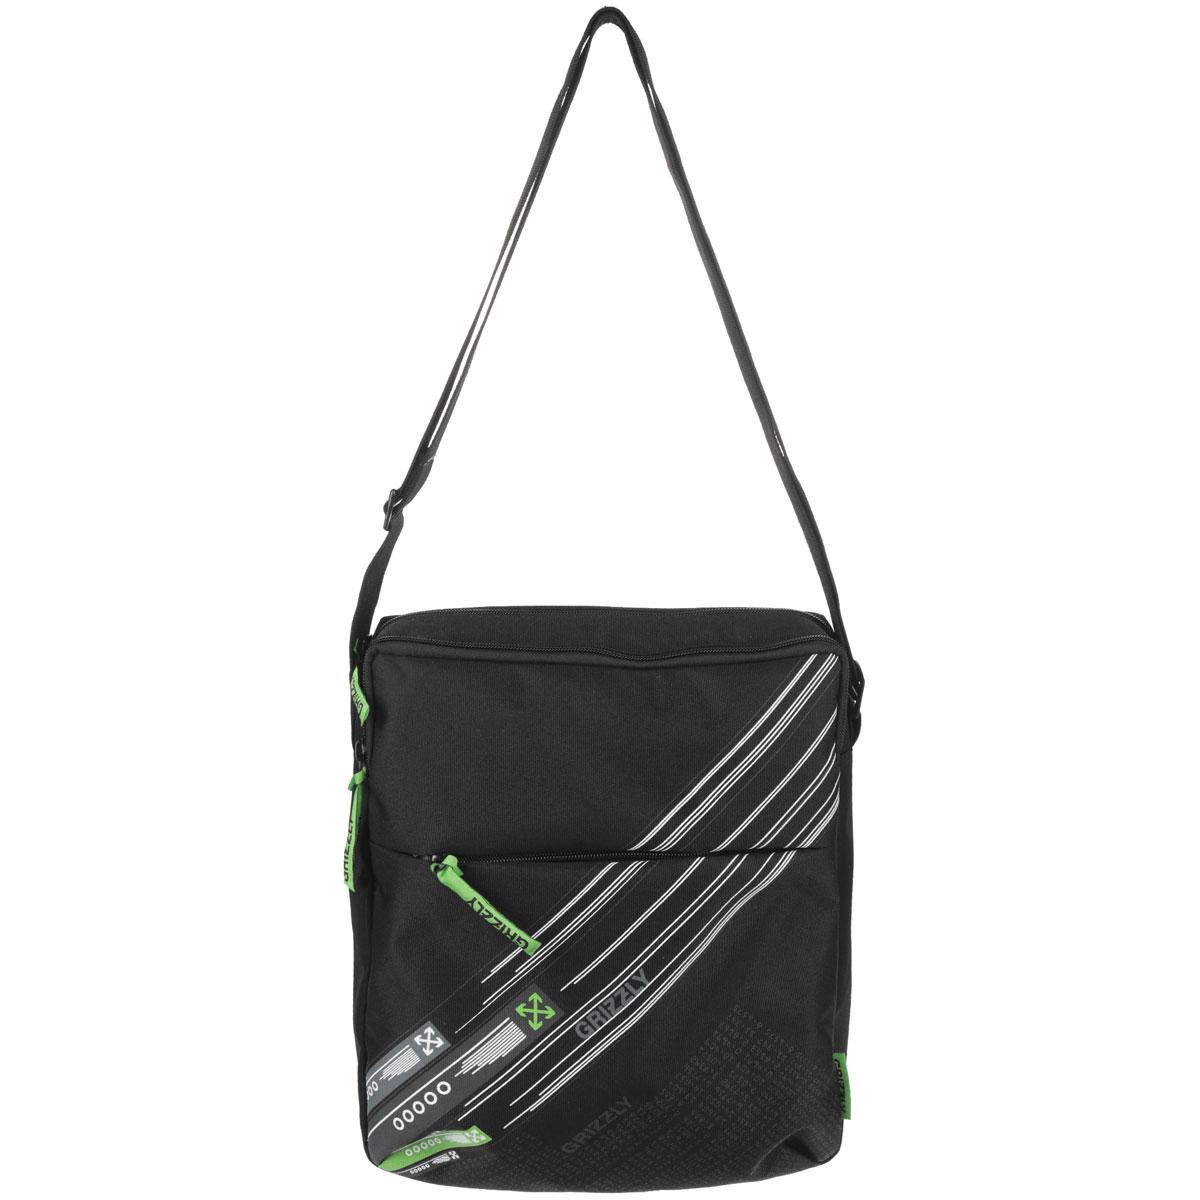 Grizzly Сумка школьная цвет черный салатовый11027/1/TG/1Молодежная сумка с одним отделением, с плоским карманом на передней и задней стенке, внутренним карманом для документов , с регулируемым плечевым ремнем